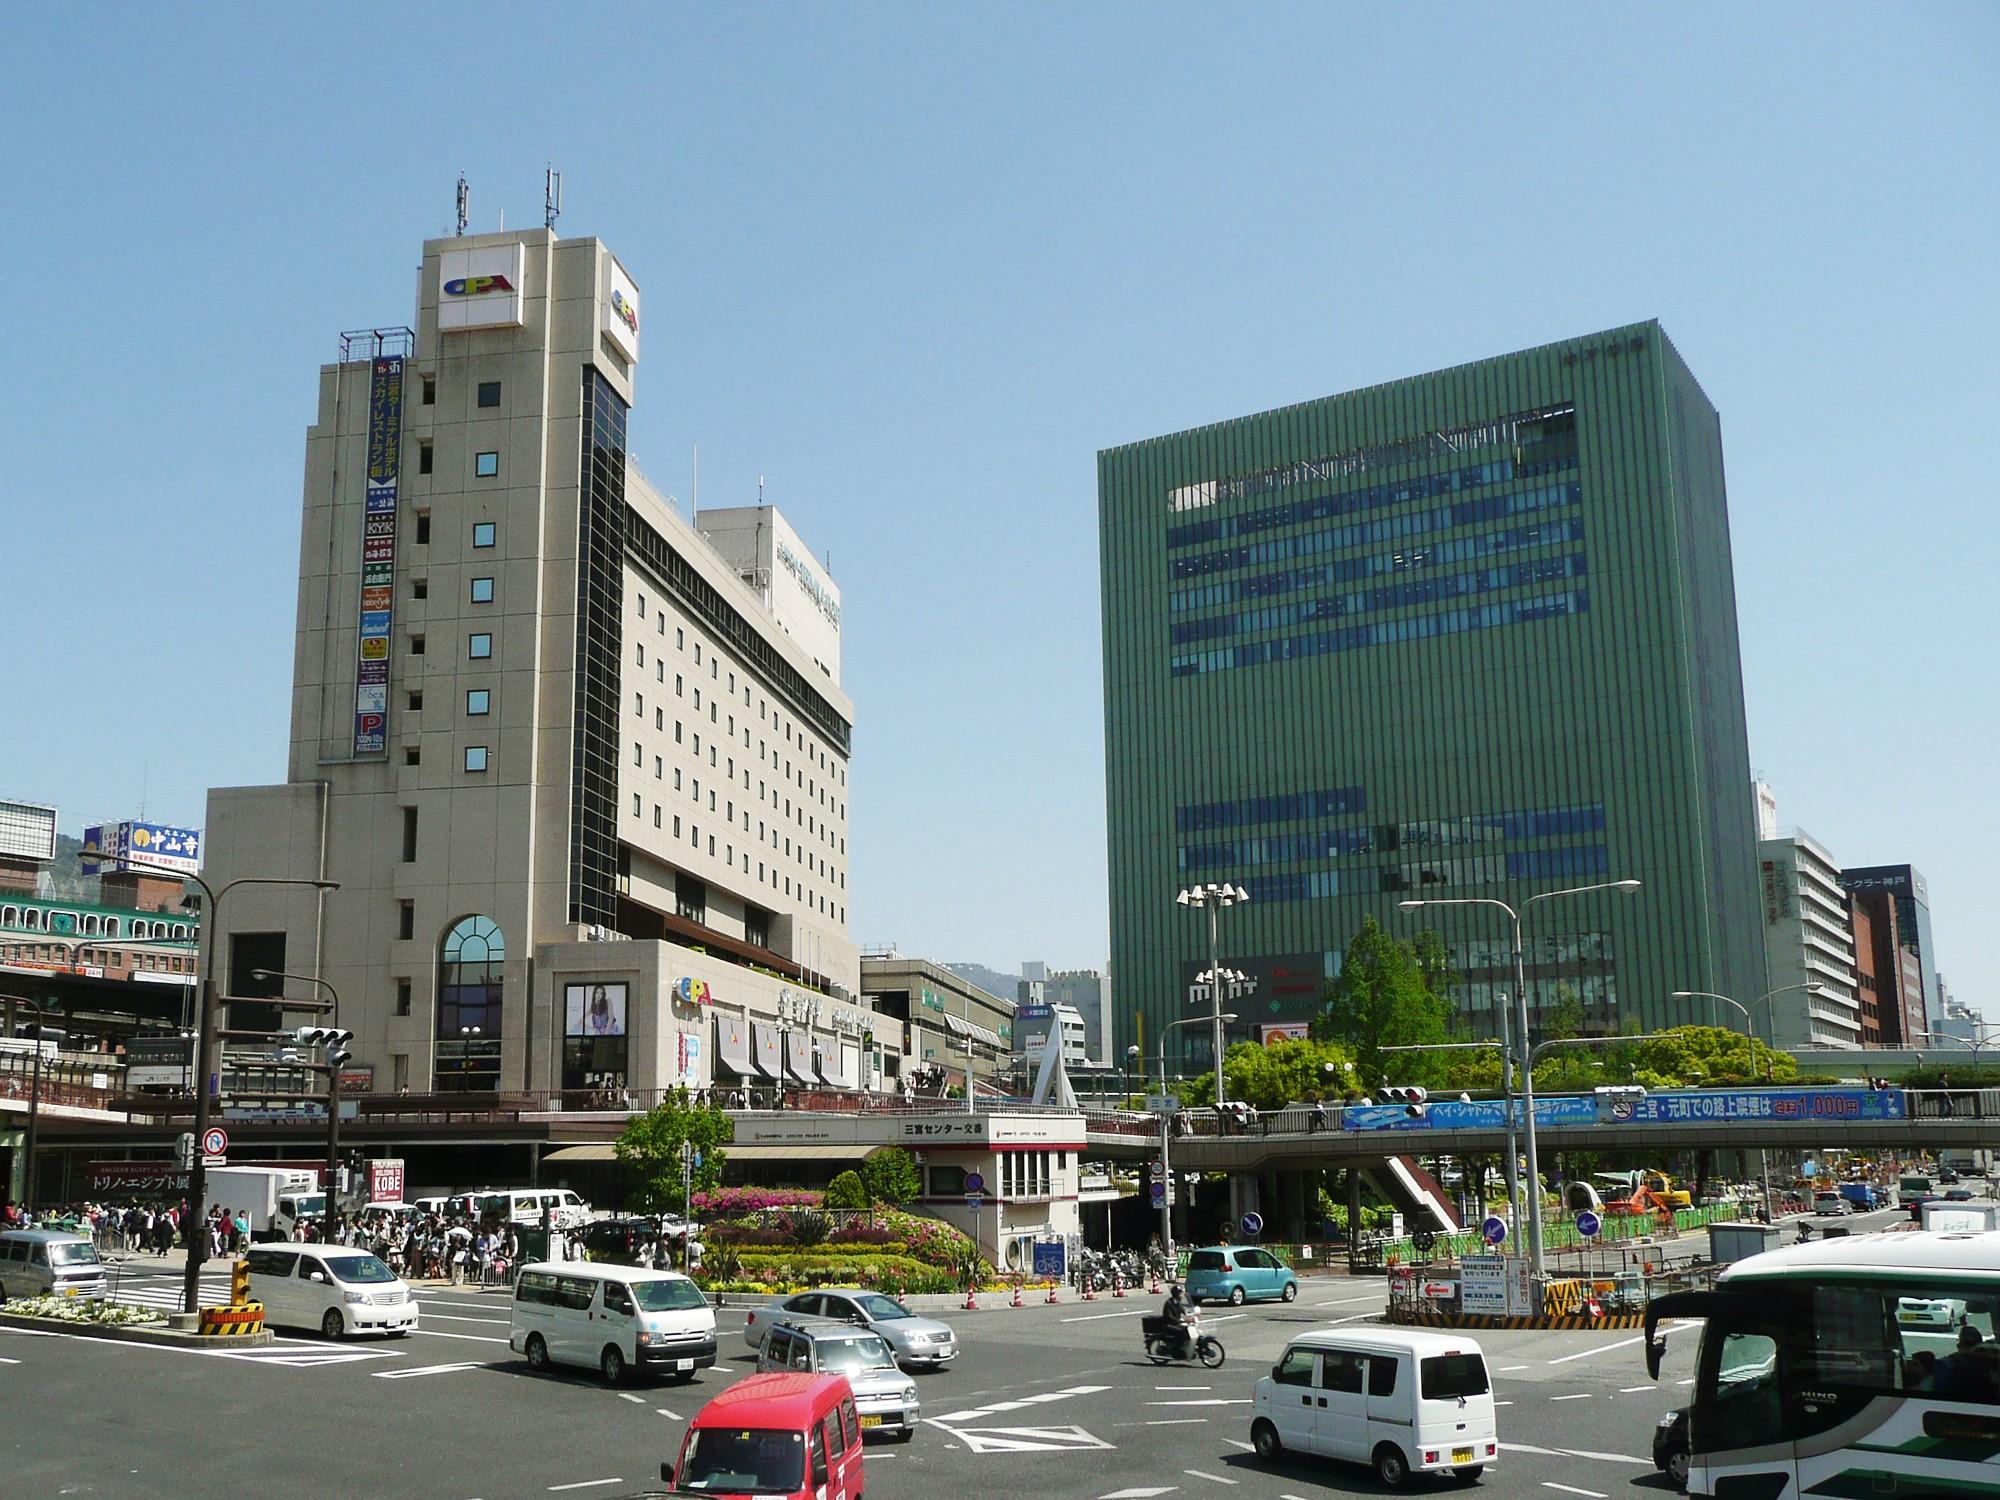 おしゃれな街神戸の中心、三宮で美味しいラーメンを食べよう!のサムネイル画像